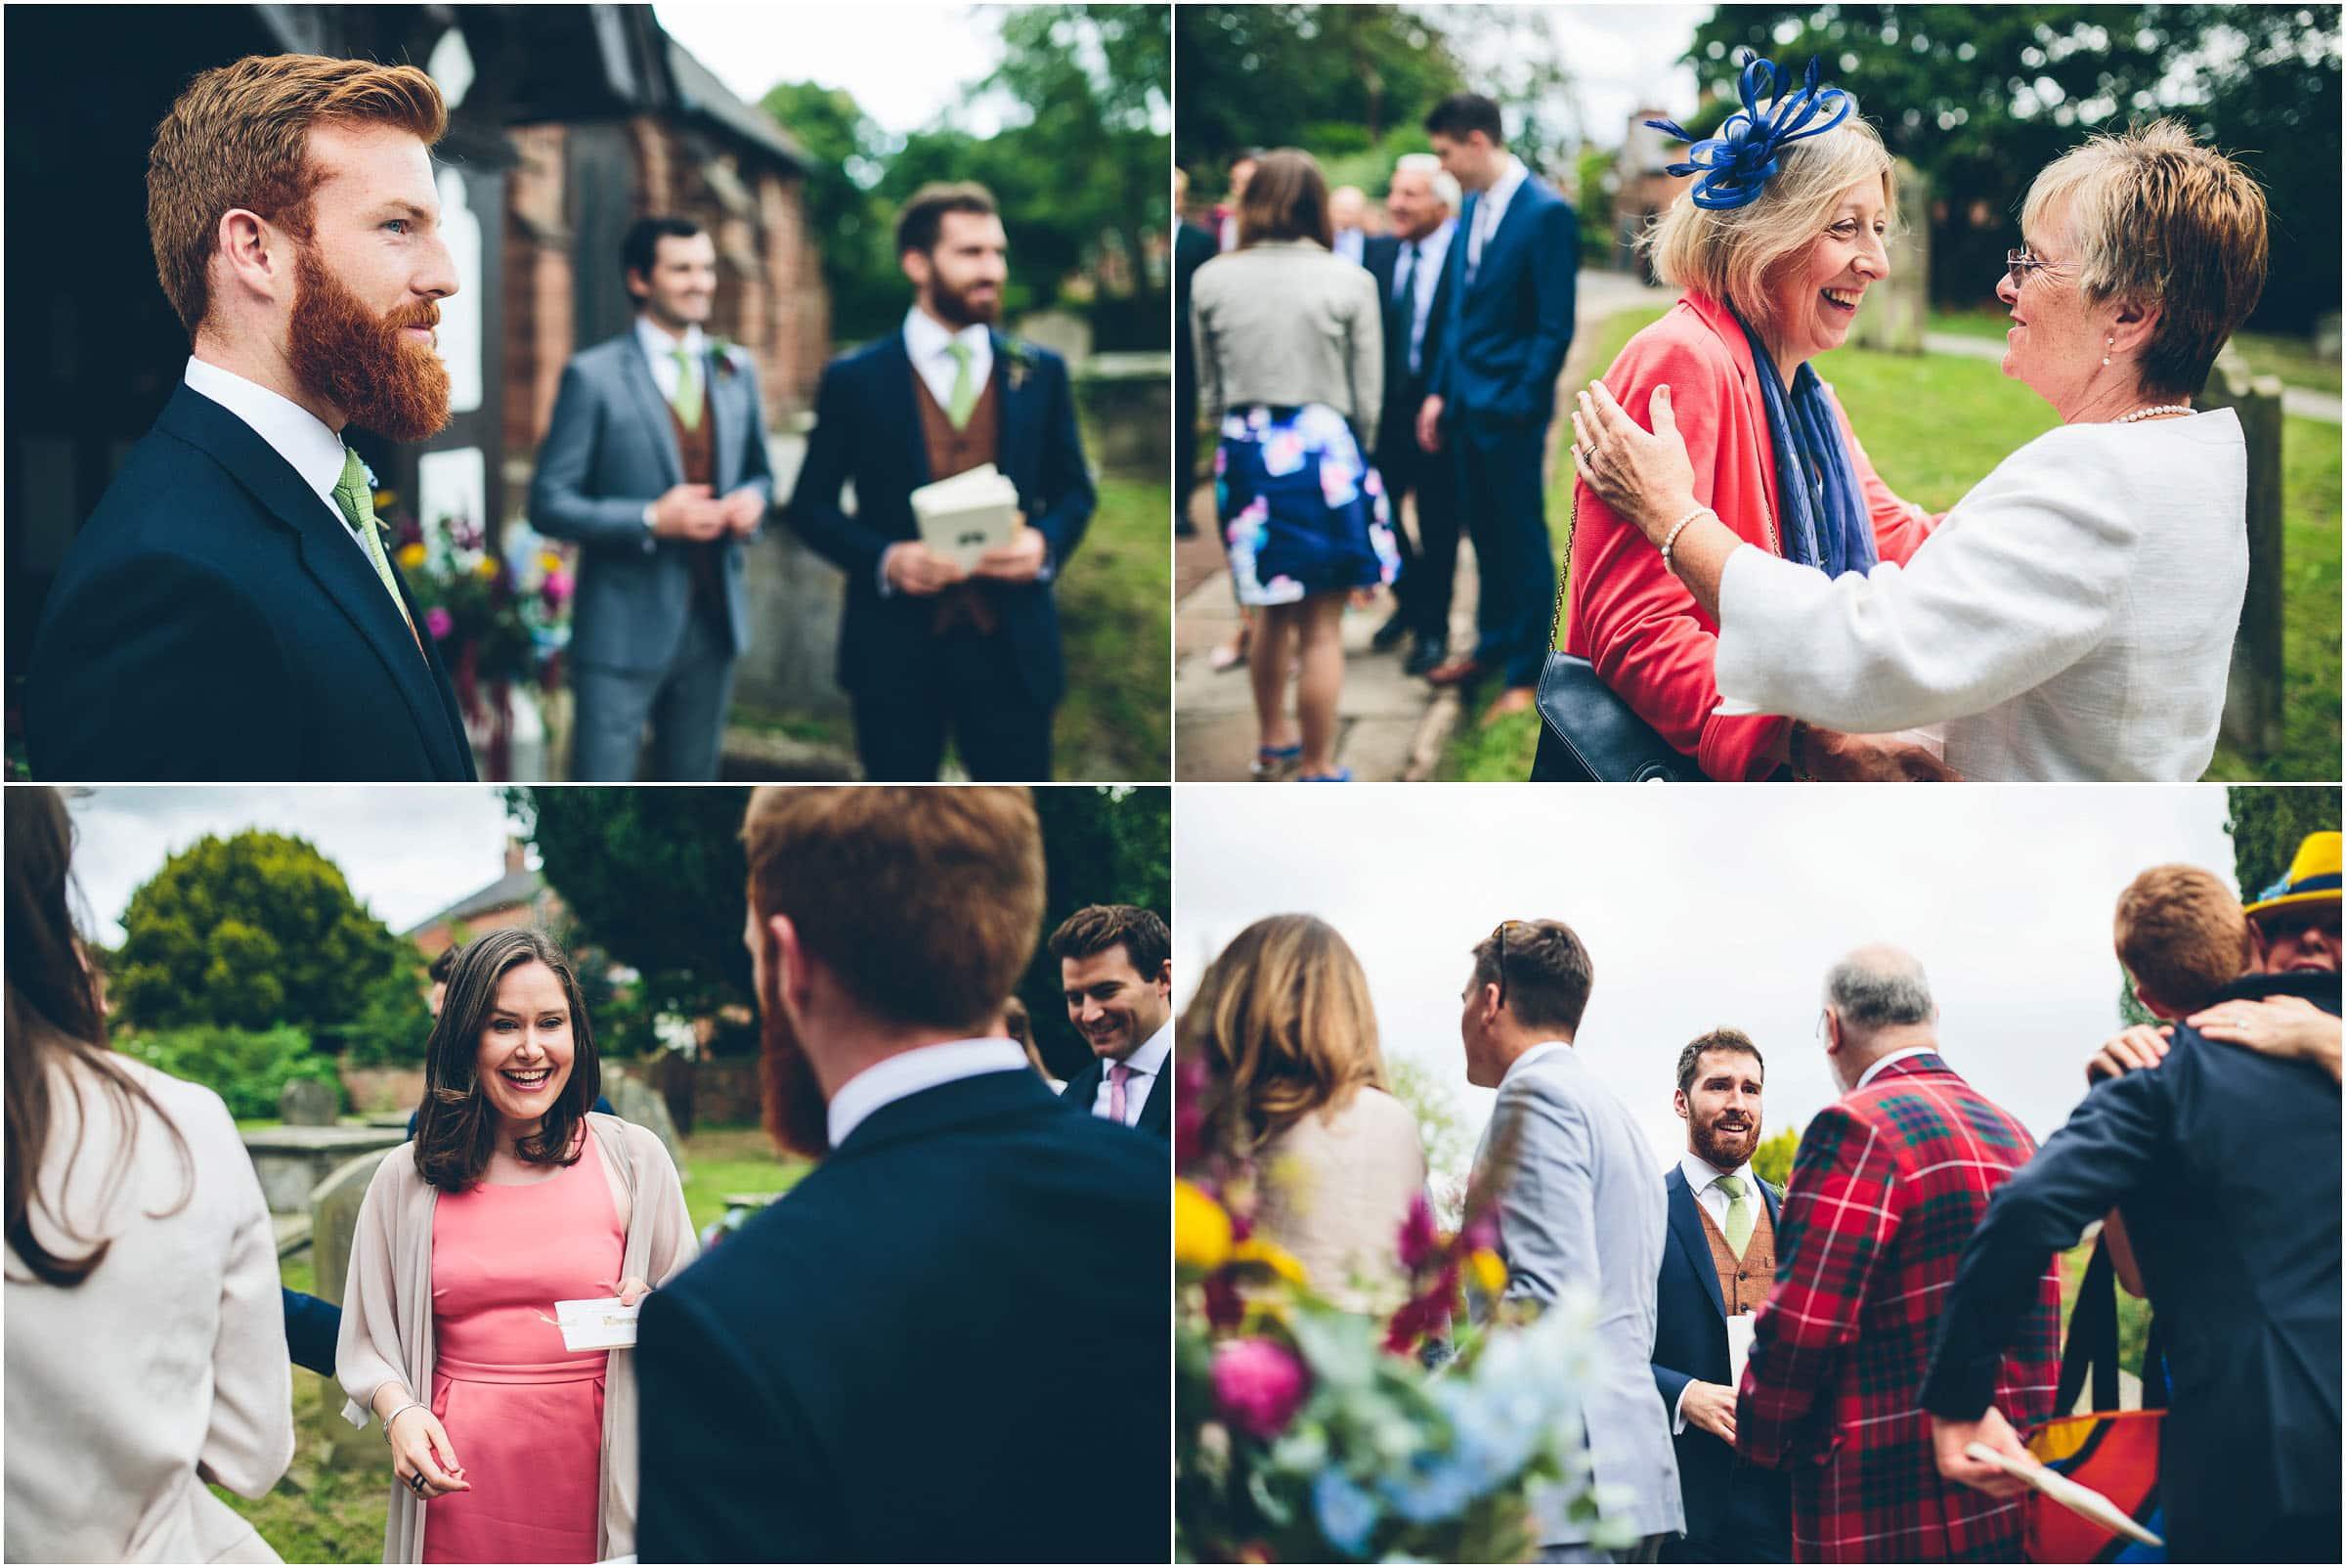 Harthill_Weddings_Wedding_Photography_0028